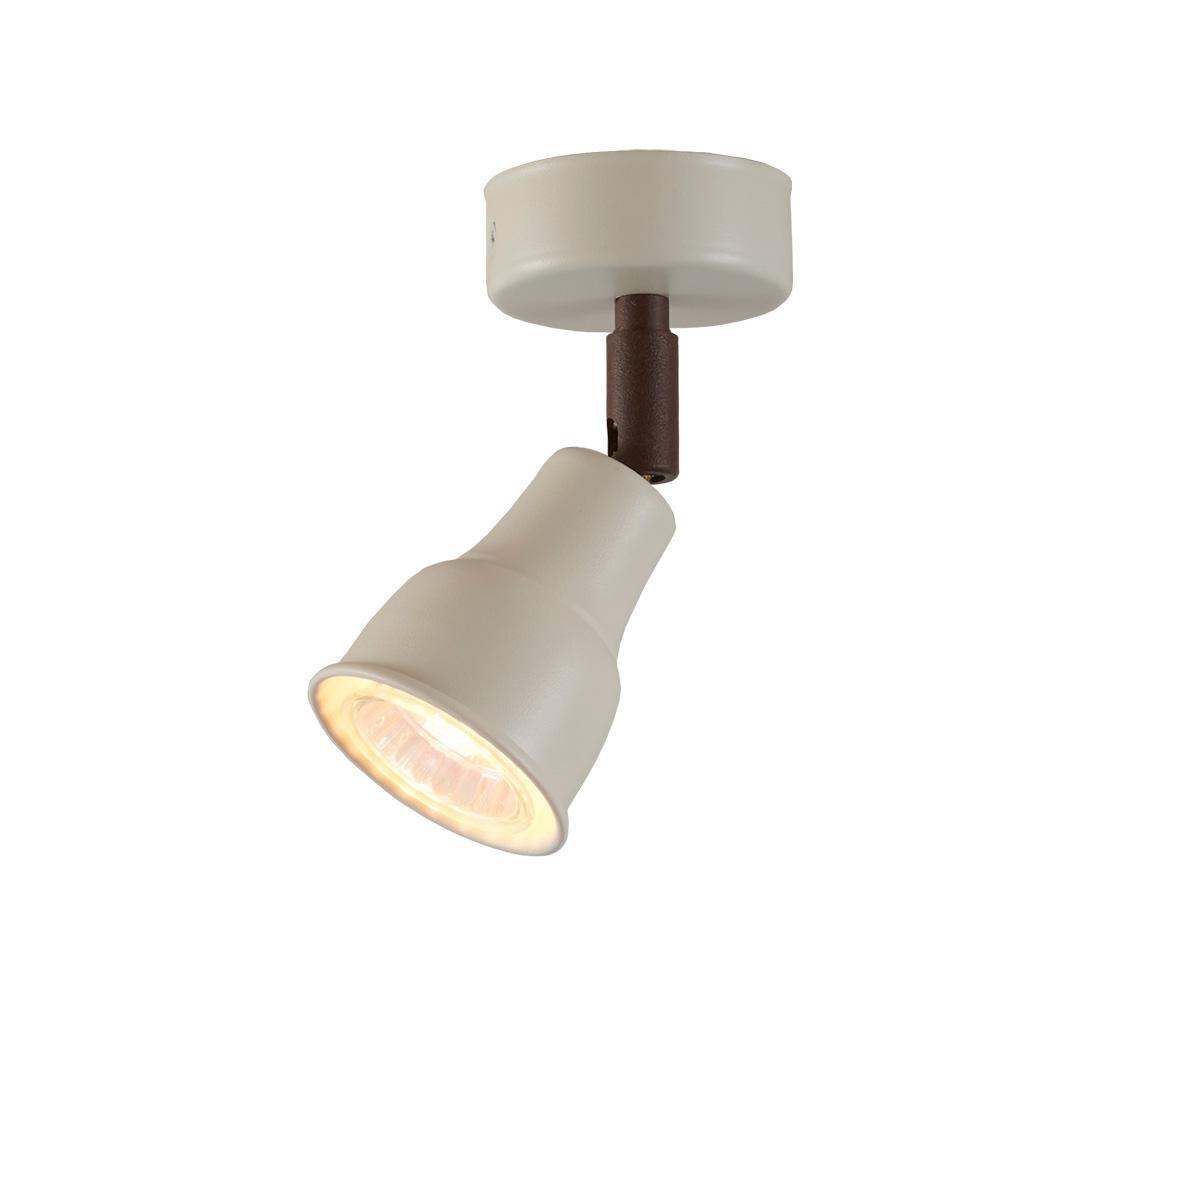 Σποτ οροφής ΔΗΛΟΣ ceiling spotlight